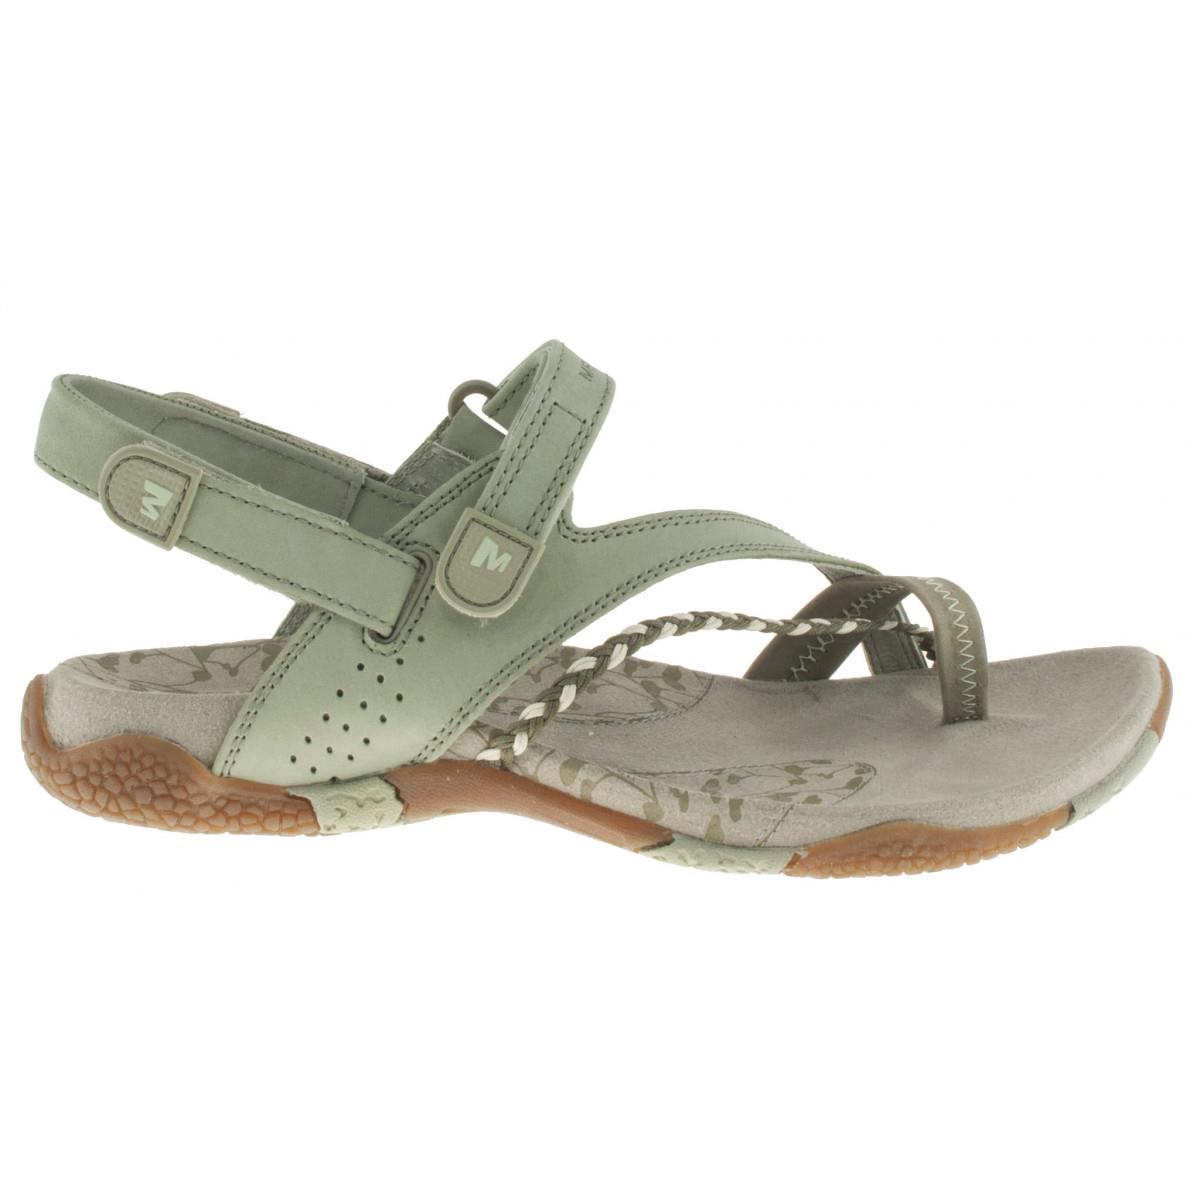 Merrell Siena Kadın Sandalet J36518